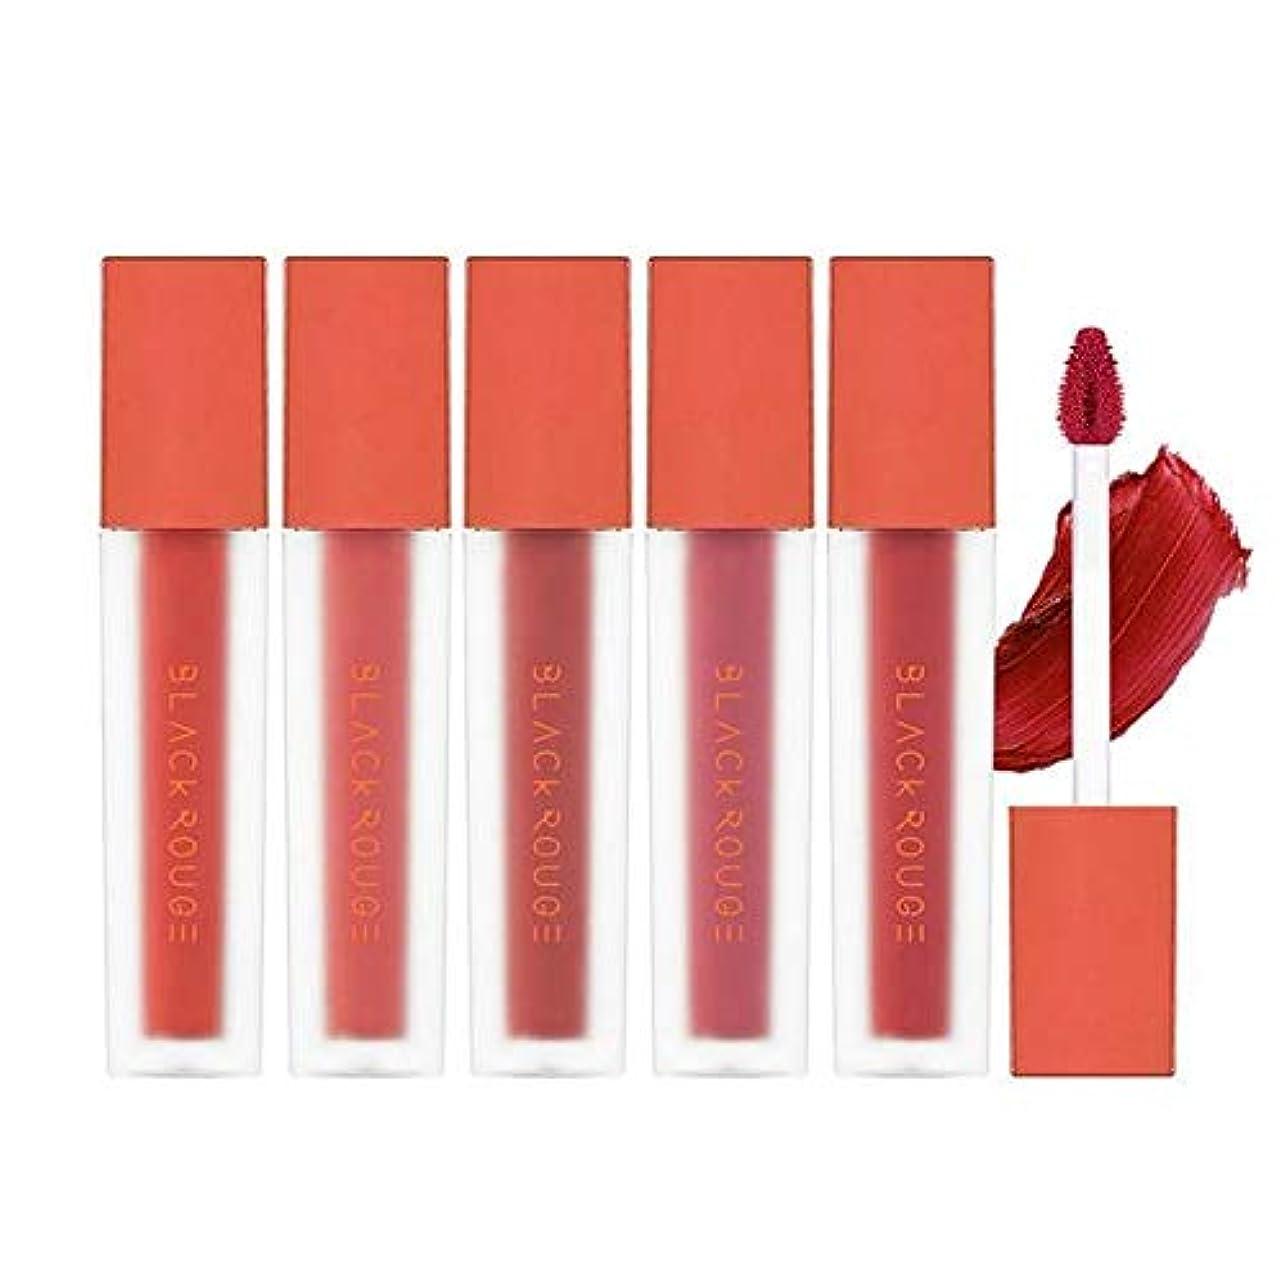 ジェム傷つける穏やかなBlack Rouge Air Fit Velvet Tint 4.5g ブラックルージュ エア フィット ベルベット ティント (A15 Jujube) [並行輸入品]